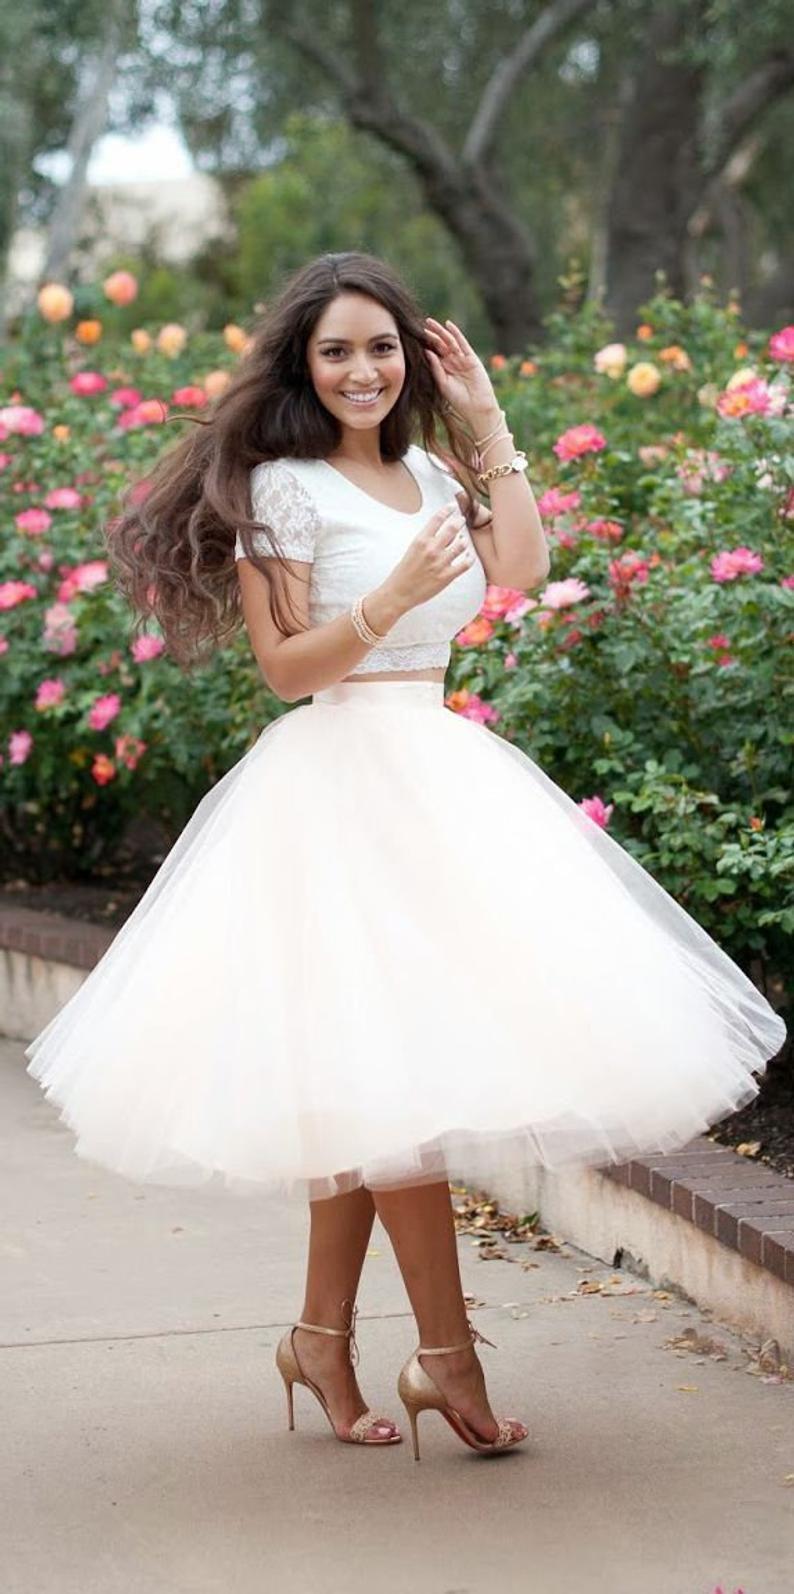 Full Skirt Wedding Skirt High Waisted Skirt Bridal Skirt Ballet Tutu Tutu Skirt For Women Tulle Wedding Skirt White Tulle Skirt In 2020 Prom Dresses Short Tea Length Prom Dress Prom Dresses Two Piece [ 1594 x 794 Pixel ]